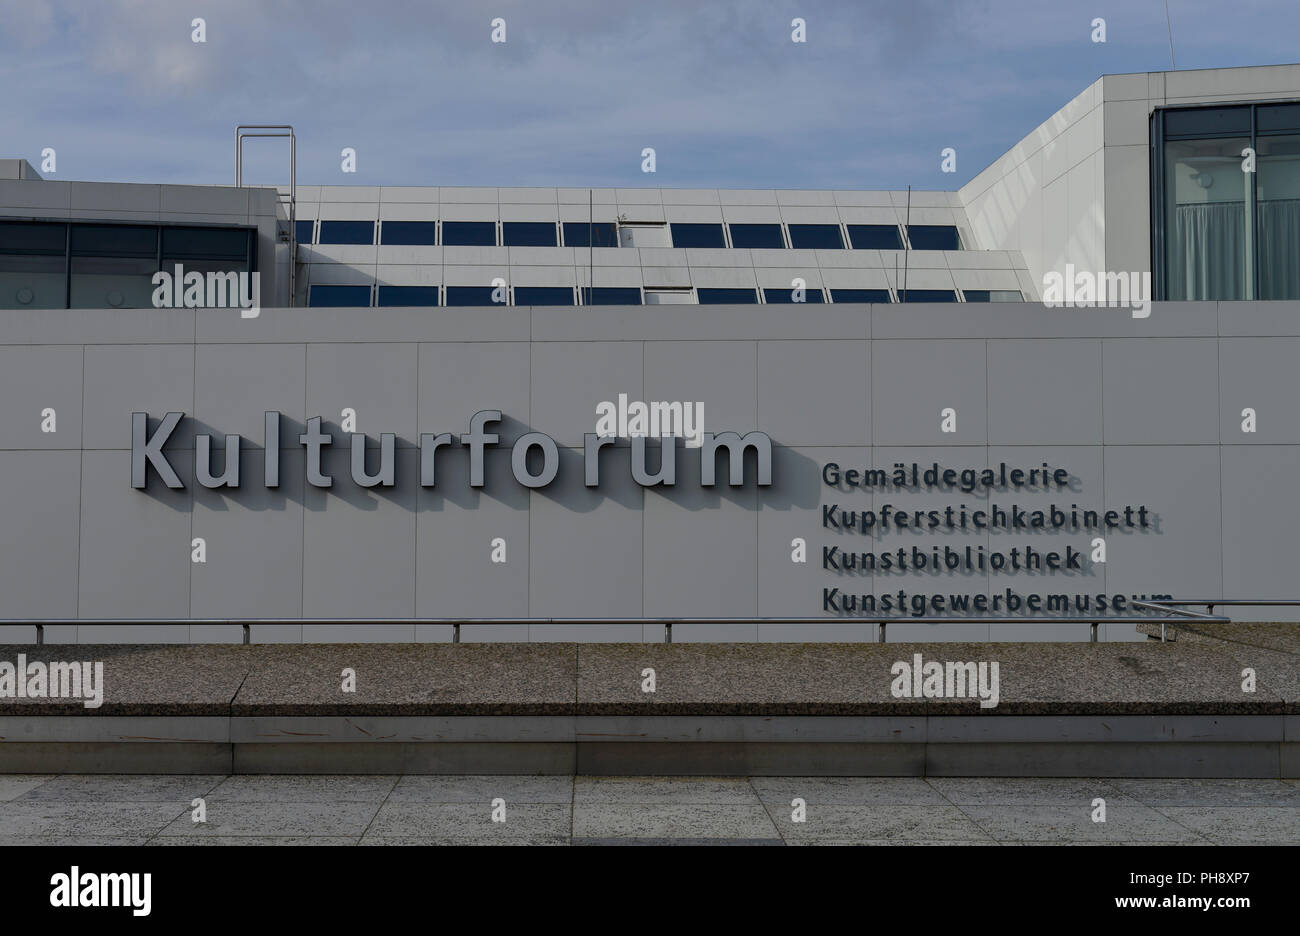 Gemaeldegalerie, Kulturforum, Tiergarten, Mitte, Berlin Stock Photo